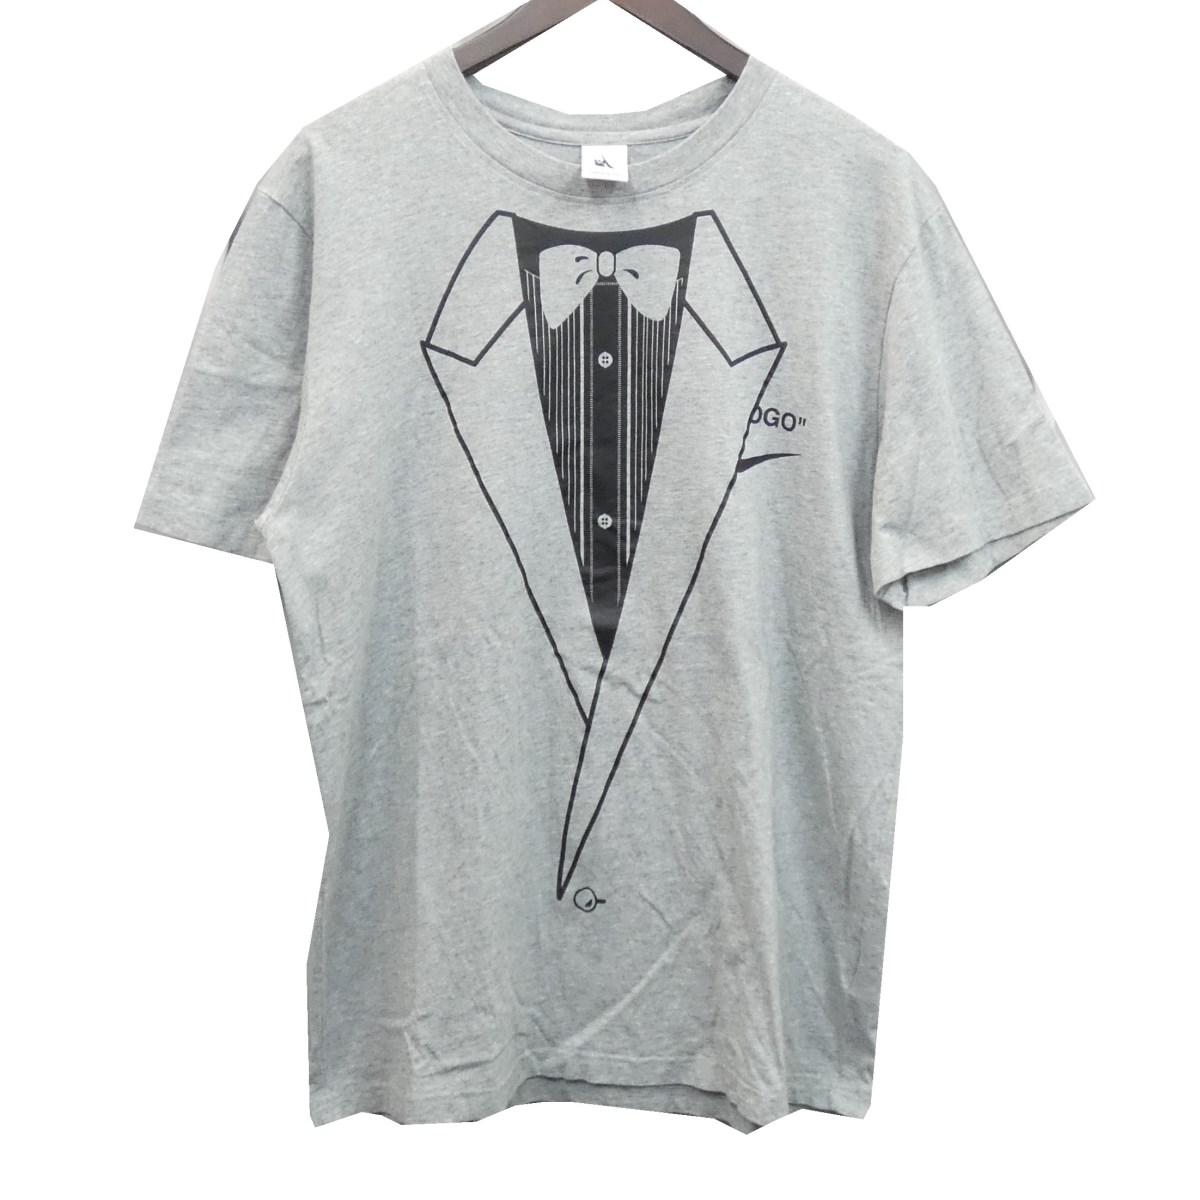 【中古】NIKE × OFFWHITE 18AW BQ0827-063 イーグルプリントTシャツ グレー サイズ:L 【020520】(ナイキ オフホワイト)